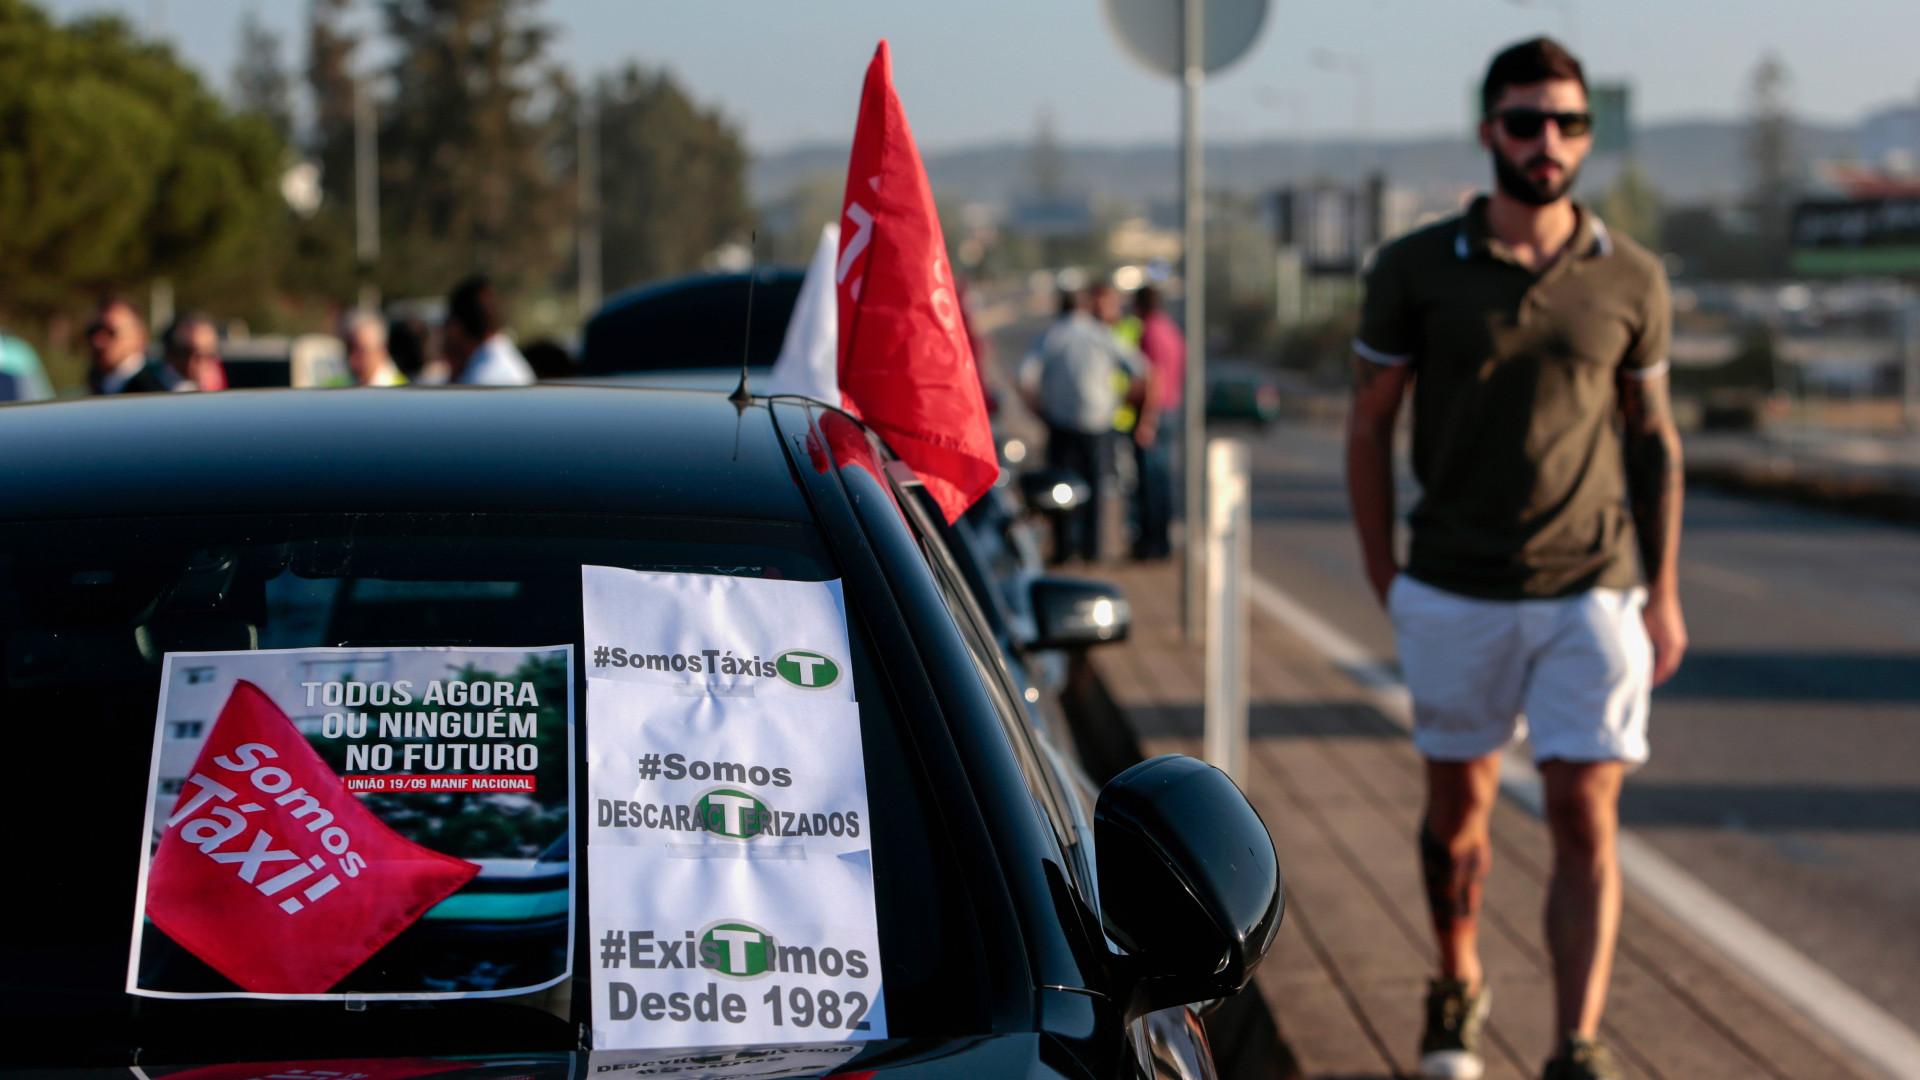 Taxistas do Algarve contestam grande aumento de carros descaracterizados